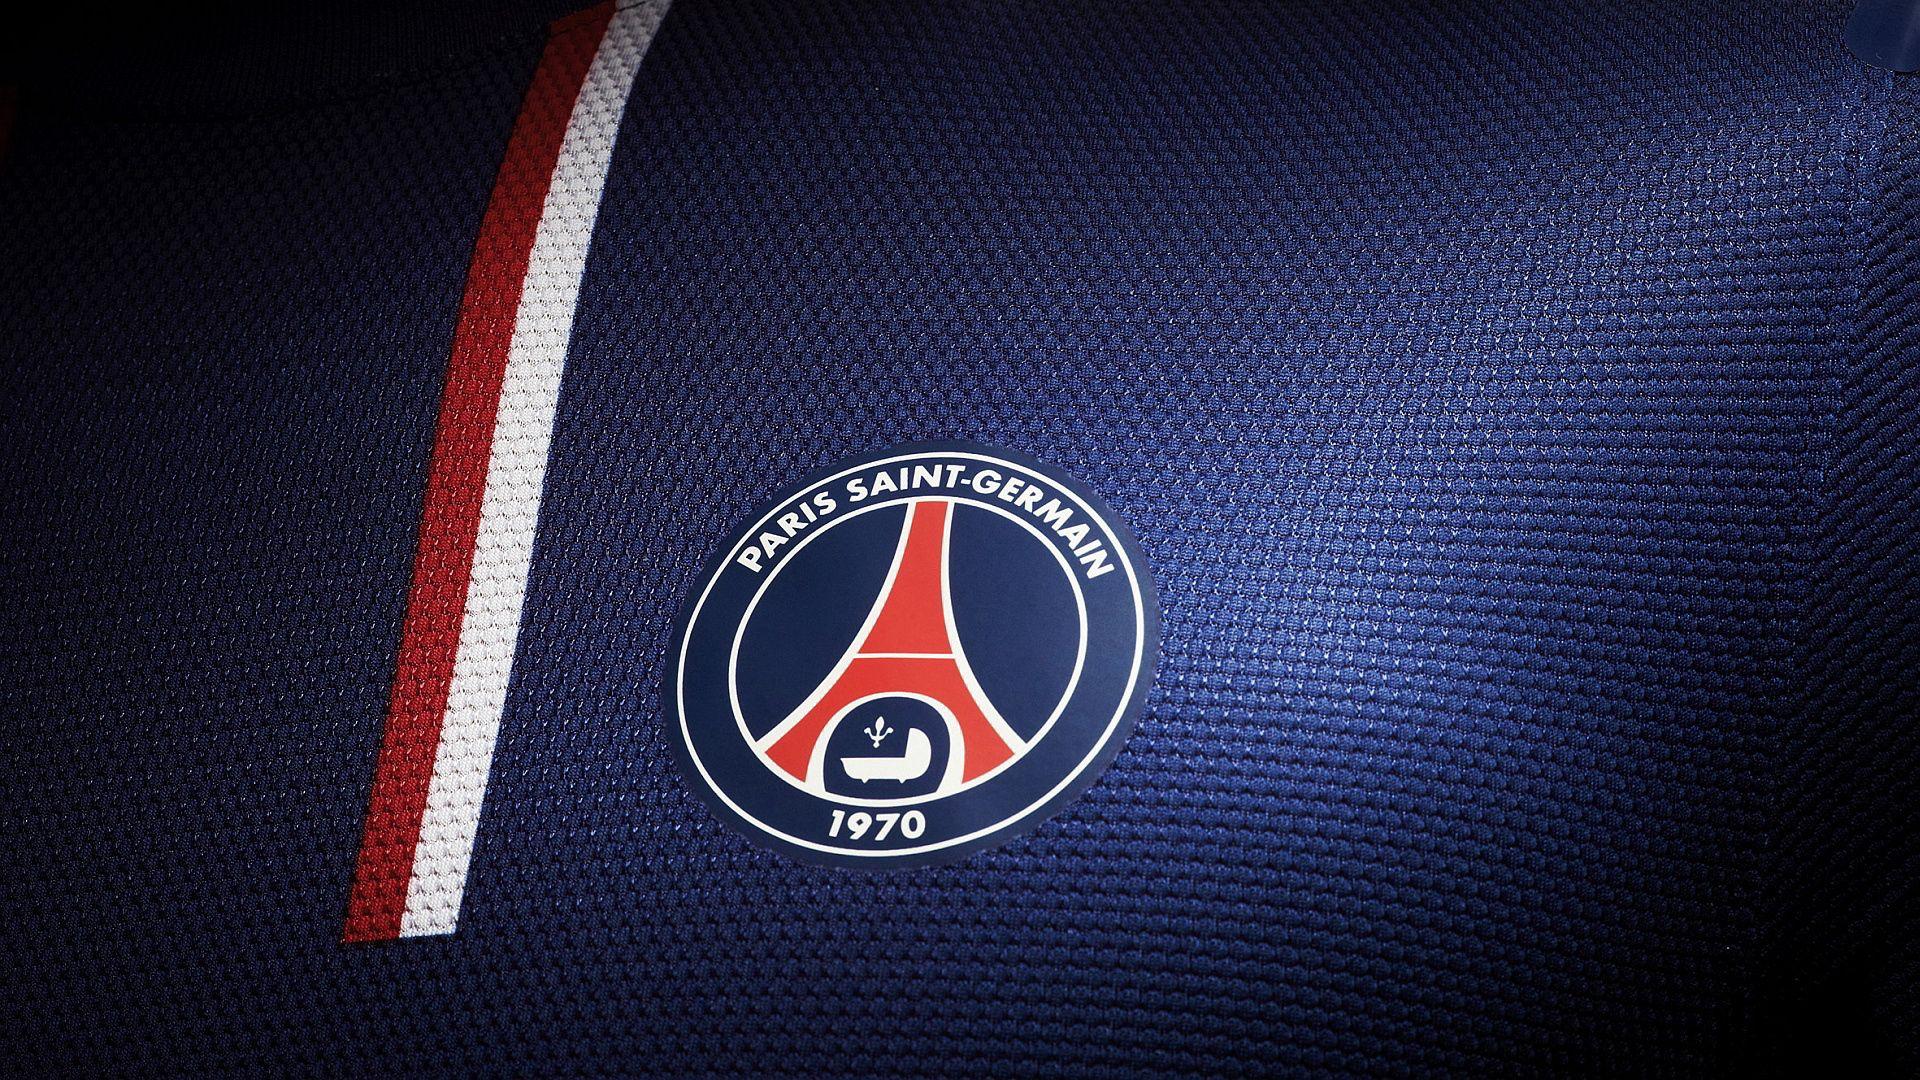 68863 Заставки и Обои Спорт на телефон. Скачать Логотип, Спорт, Футбольный Клуб, Paris Saint-Germain картинки бесплатно